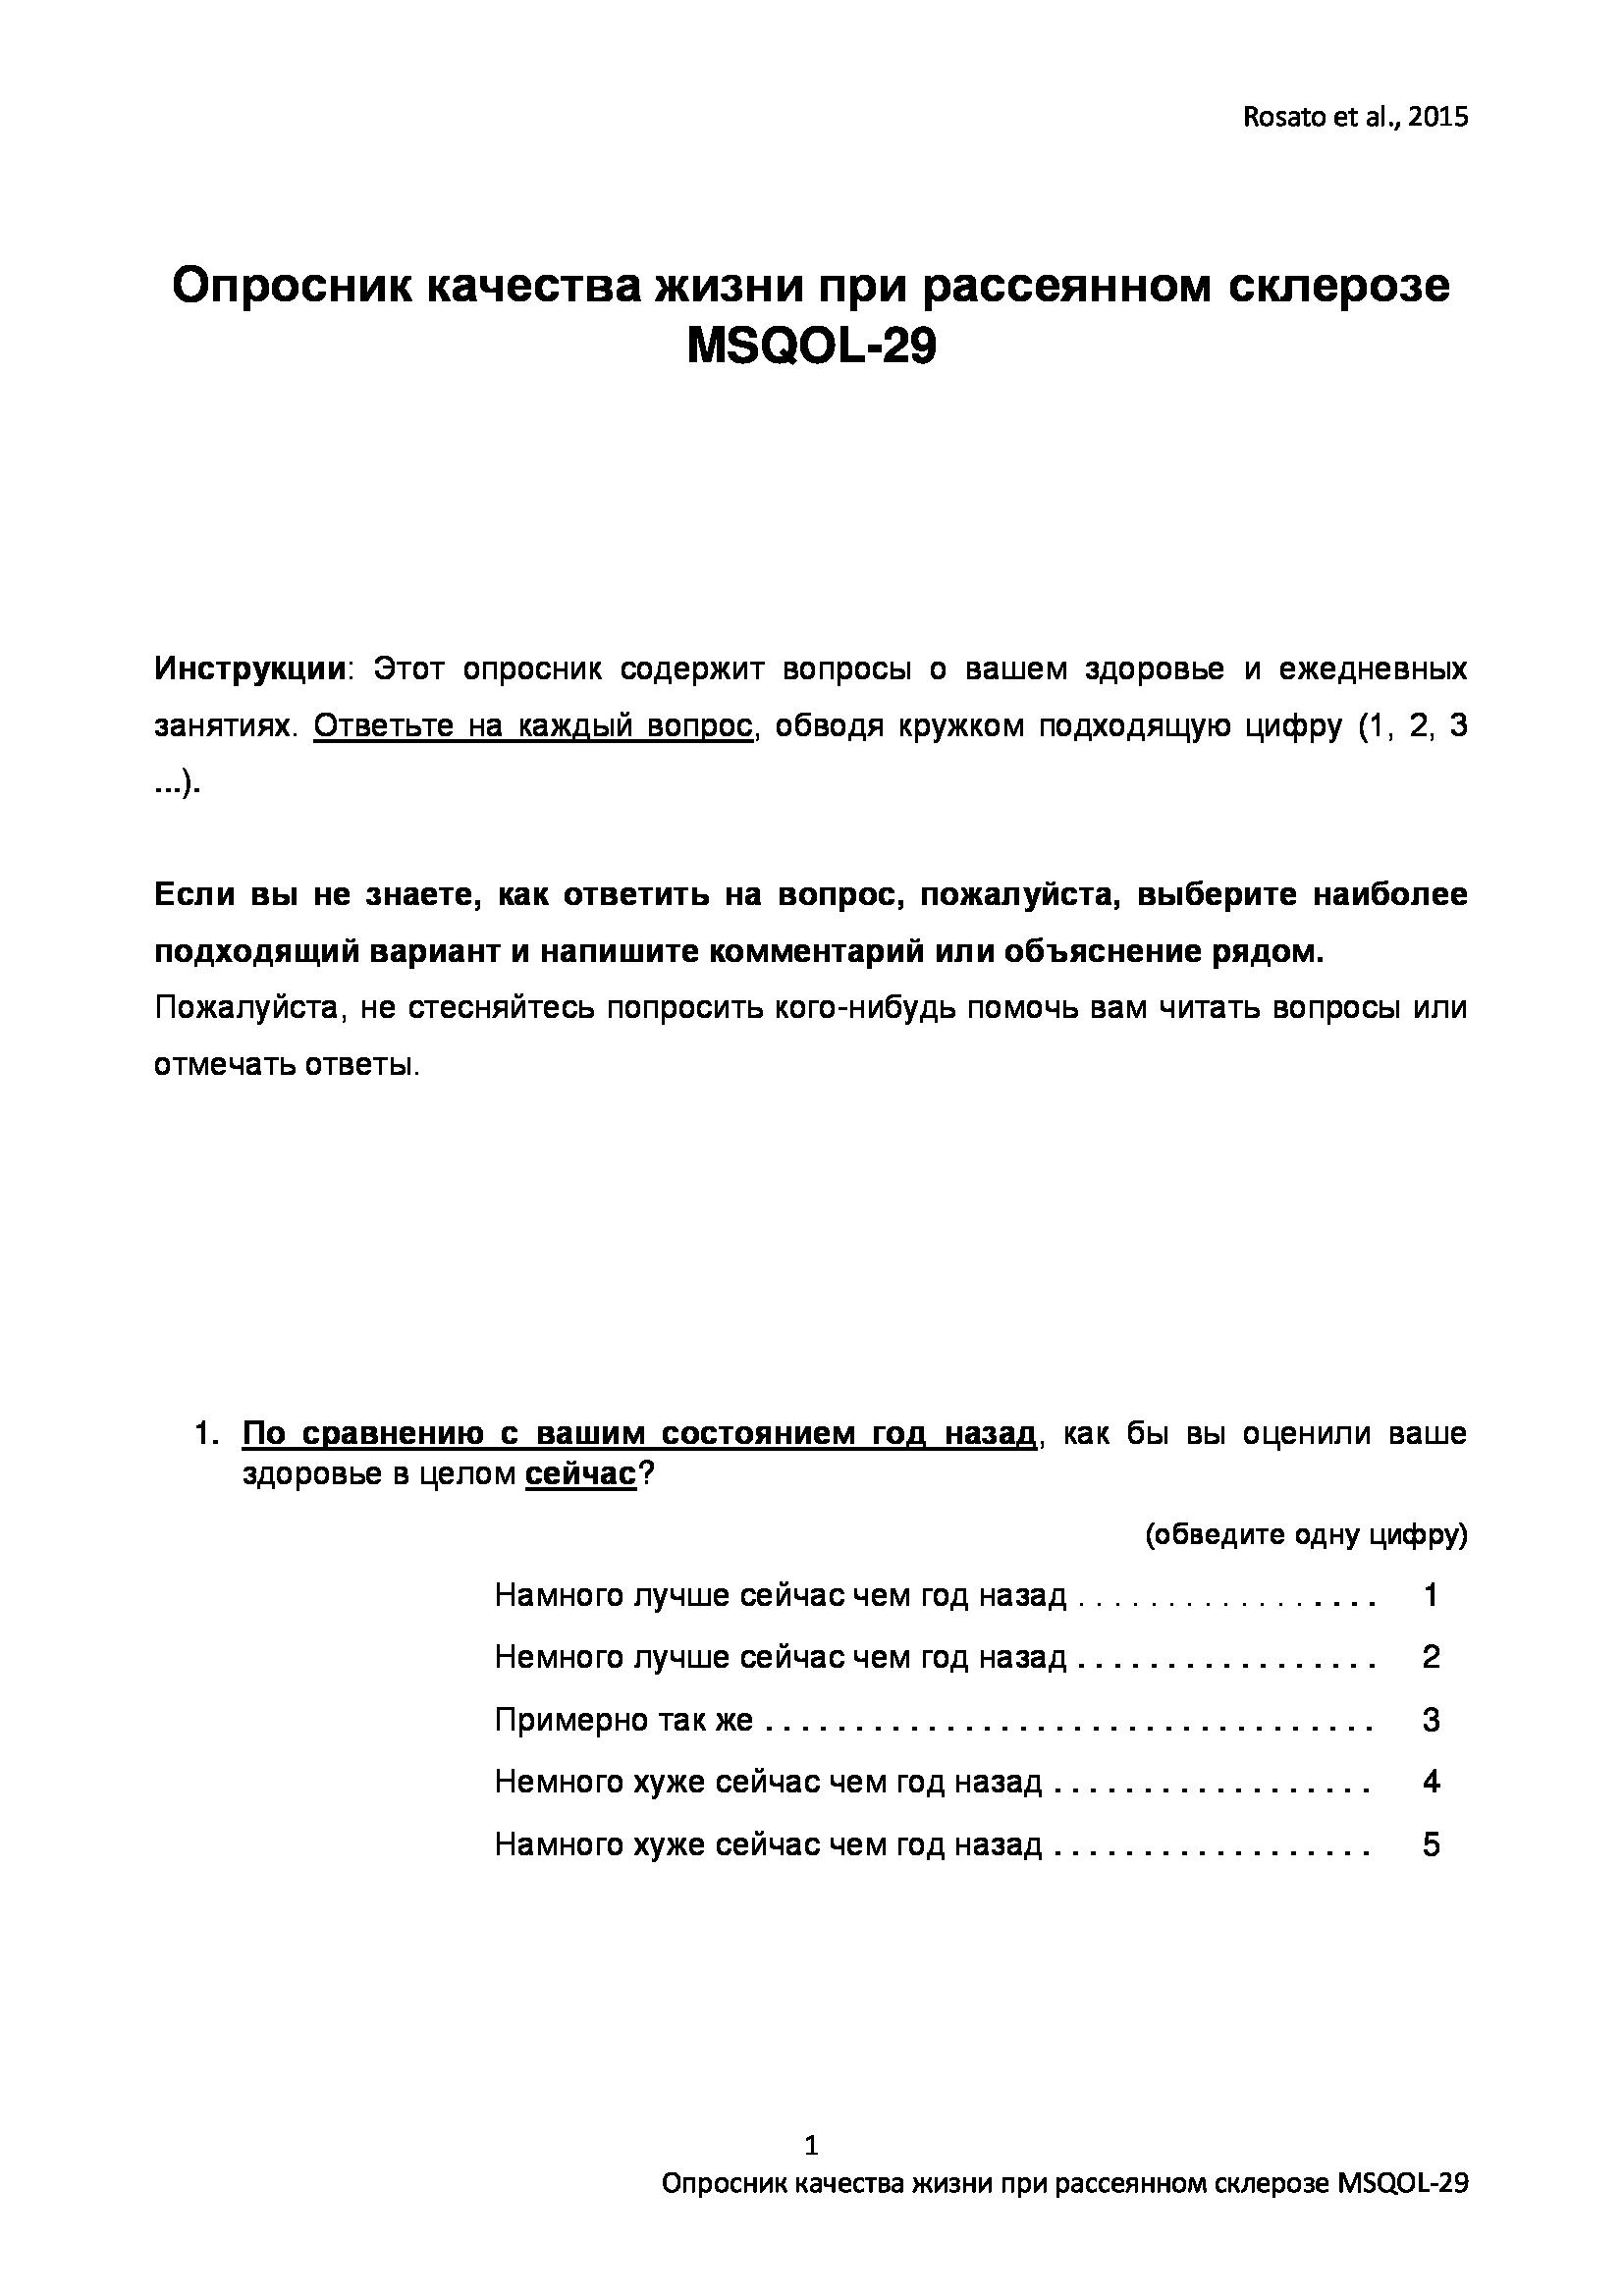 Опросник качества жизни при рассеянном склерозе MSQOL-29 страница 1